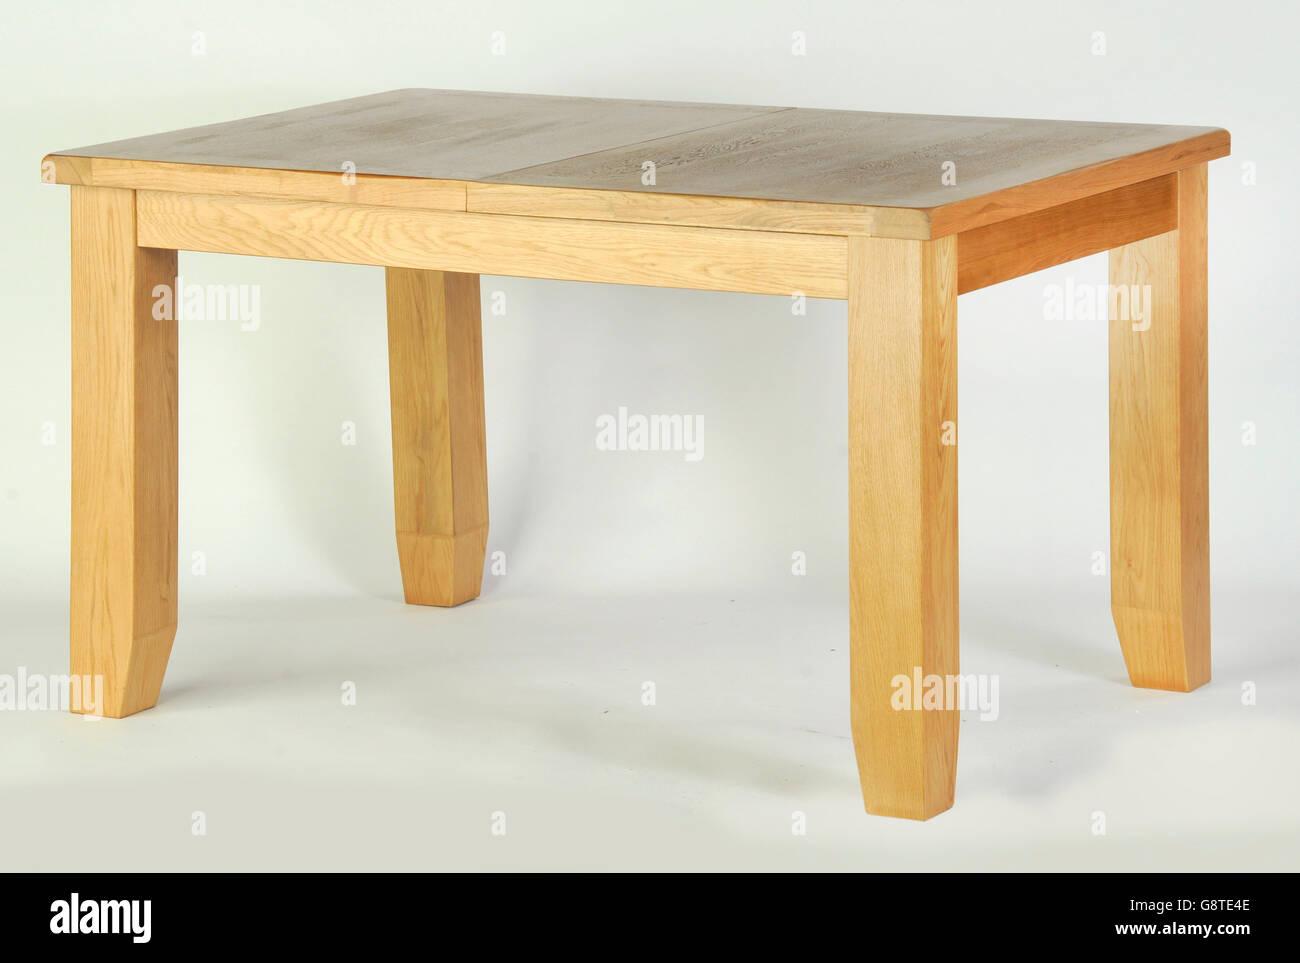 Une seule table à manger en bois sur fond blanc Photo Stock